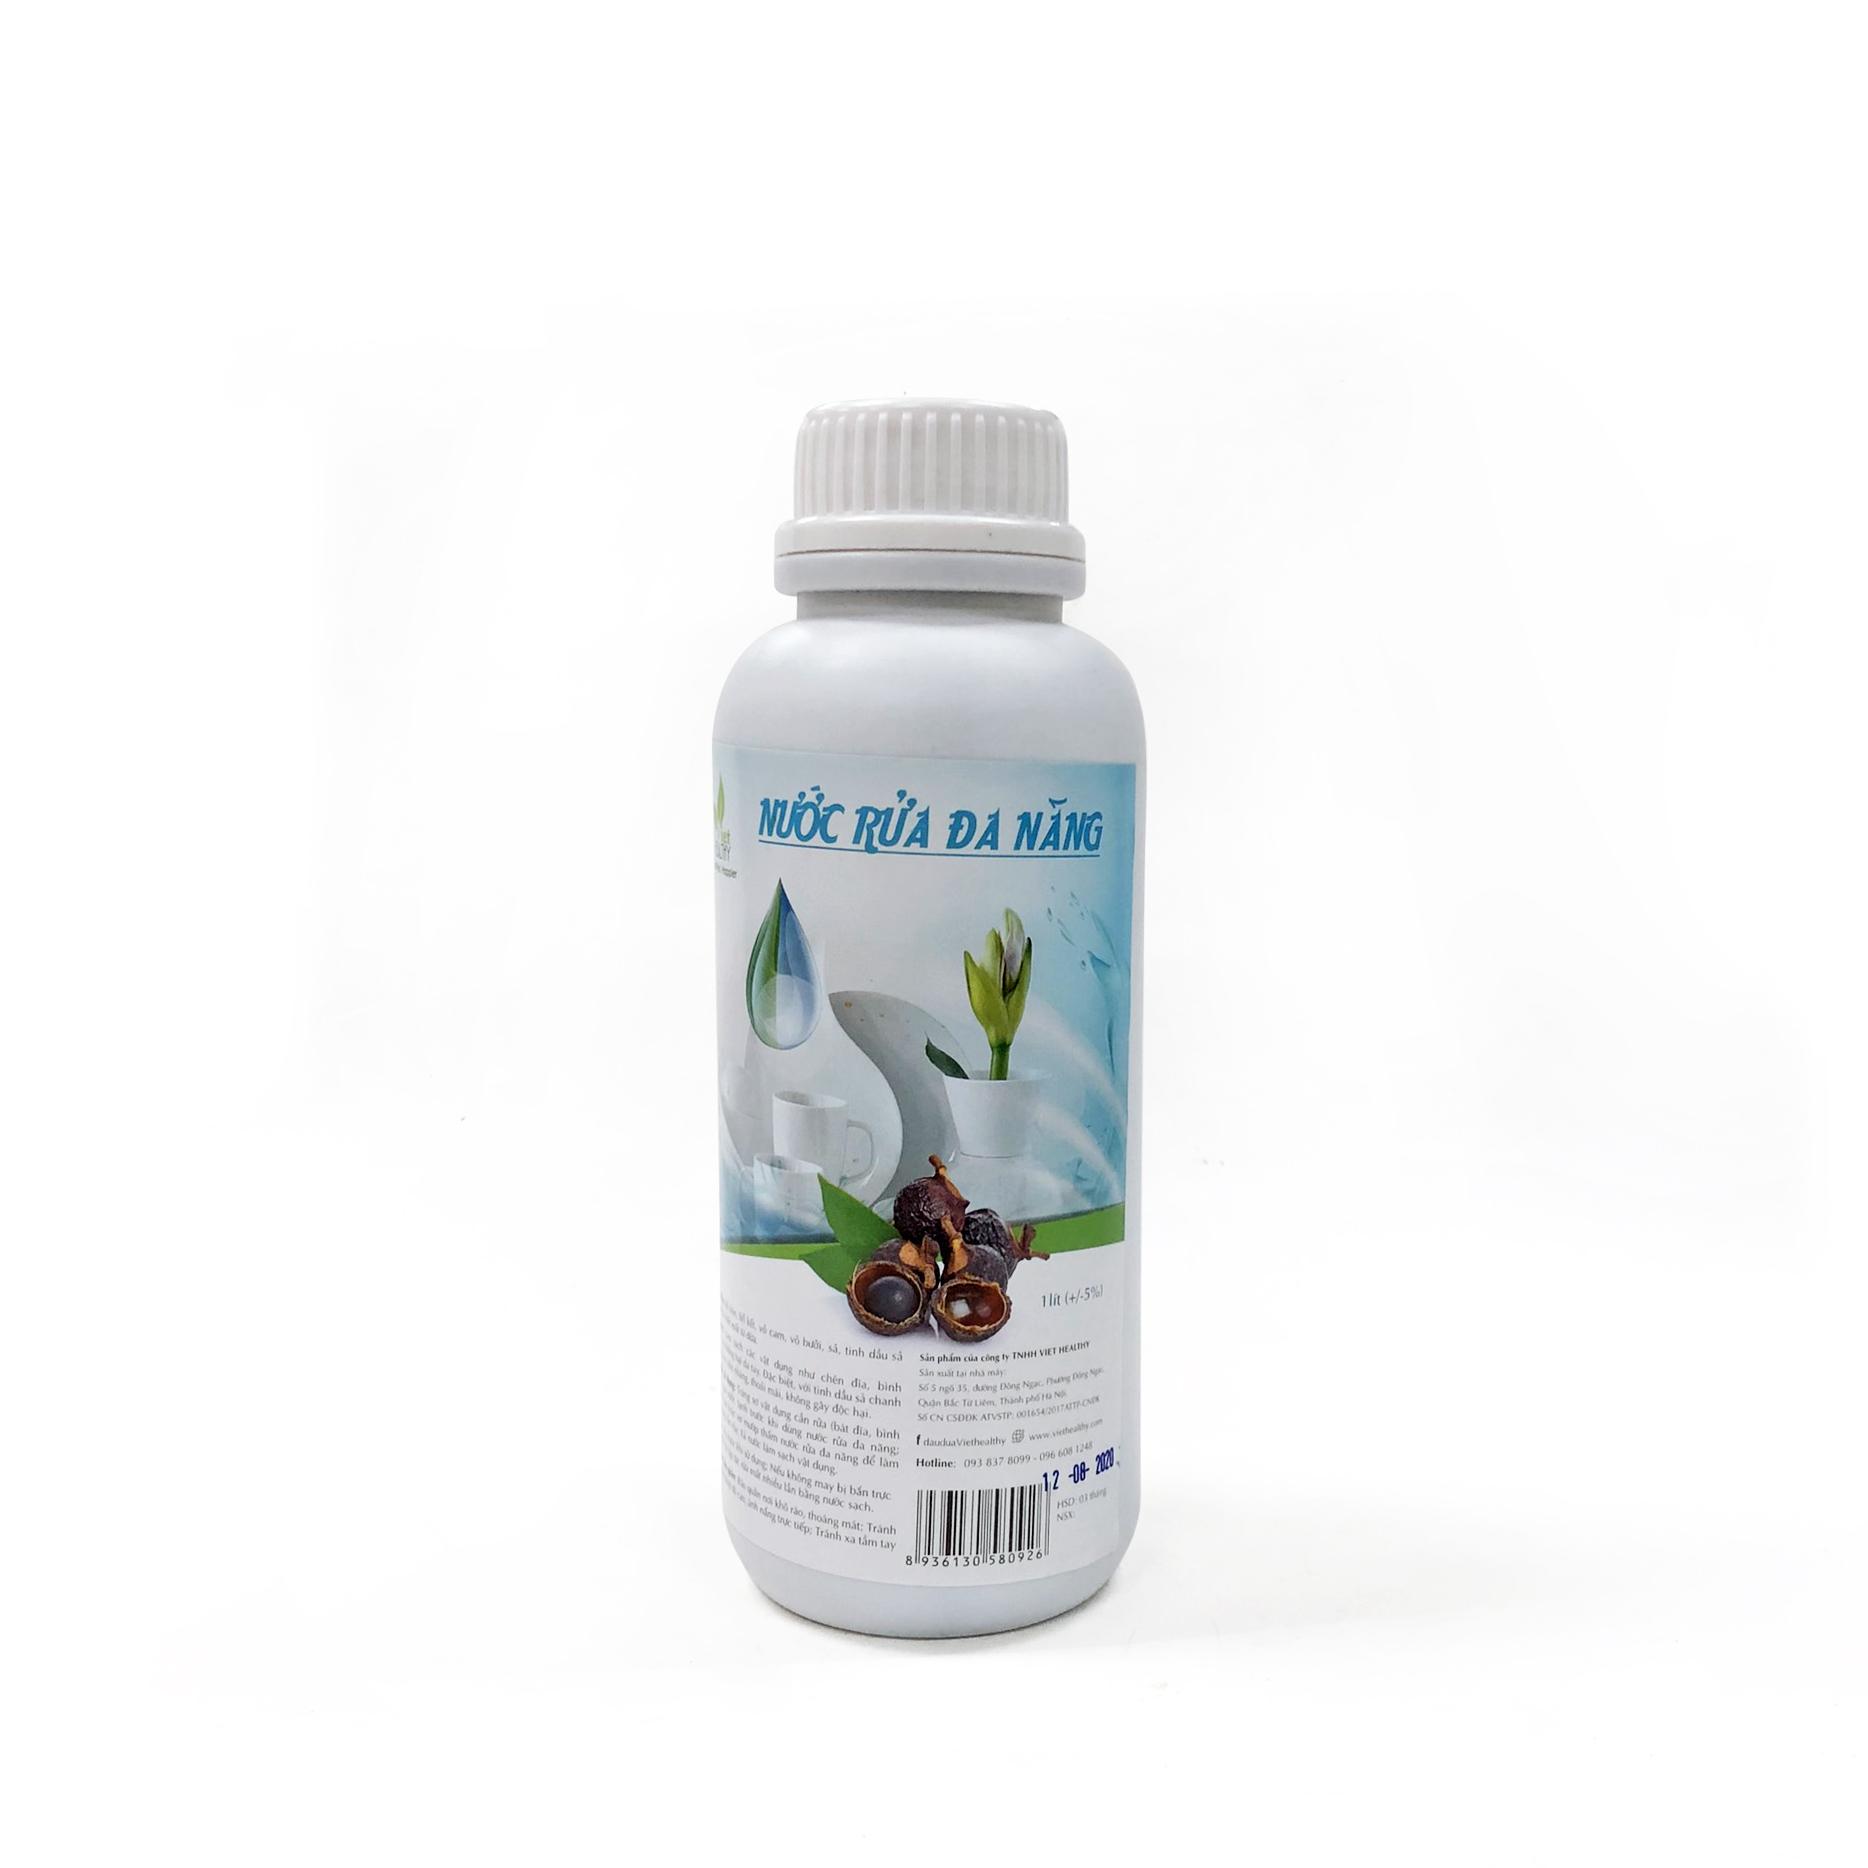 Nước rửa đa năng 1 lit